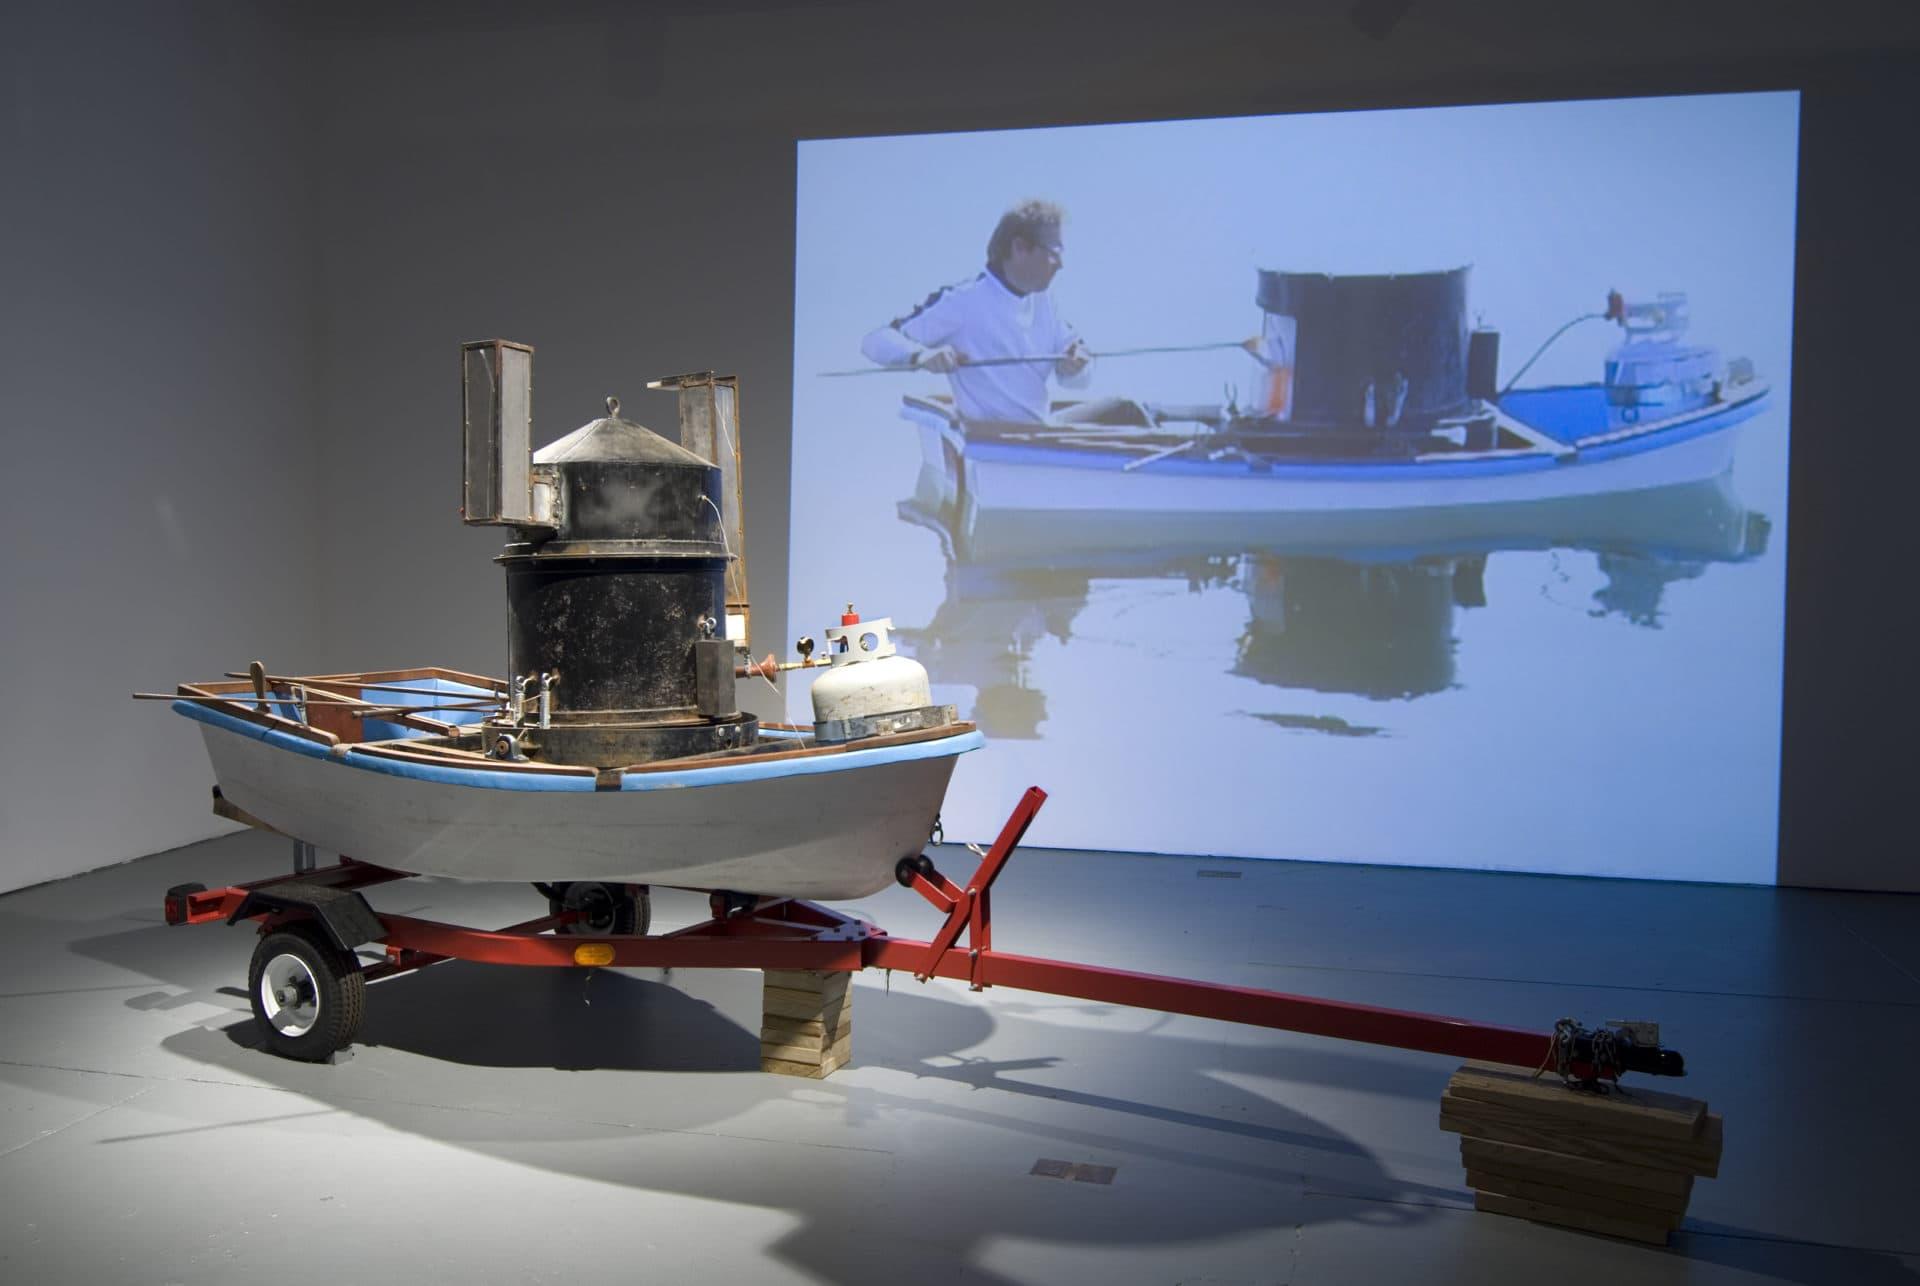 """Chris Taylor """"Precaución para embarcaciones pequeñas,"""" El estudio de soplado de vidrio está construido en una canoa lanzada al Océano Atlántico, en exhibición en Real Art Ways en Hartford, Connecticut.  (Cortesía del artista)"""